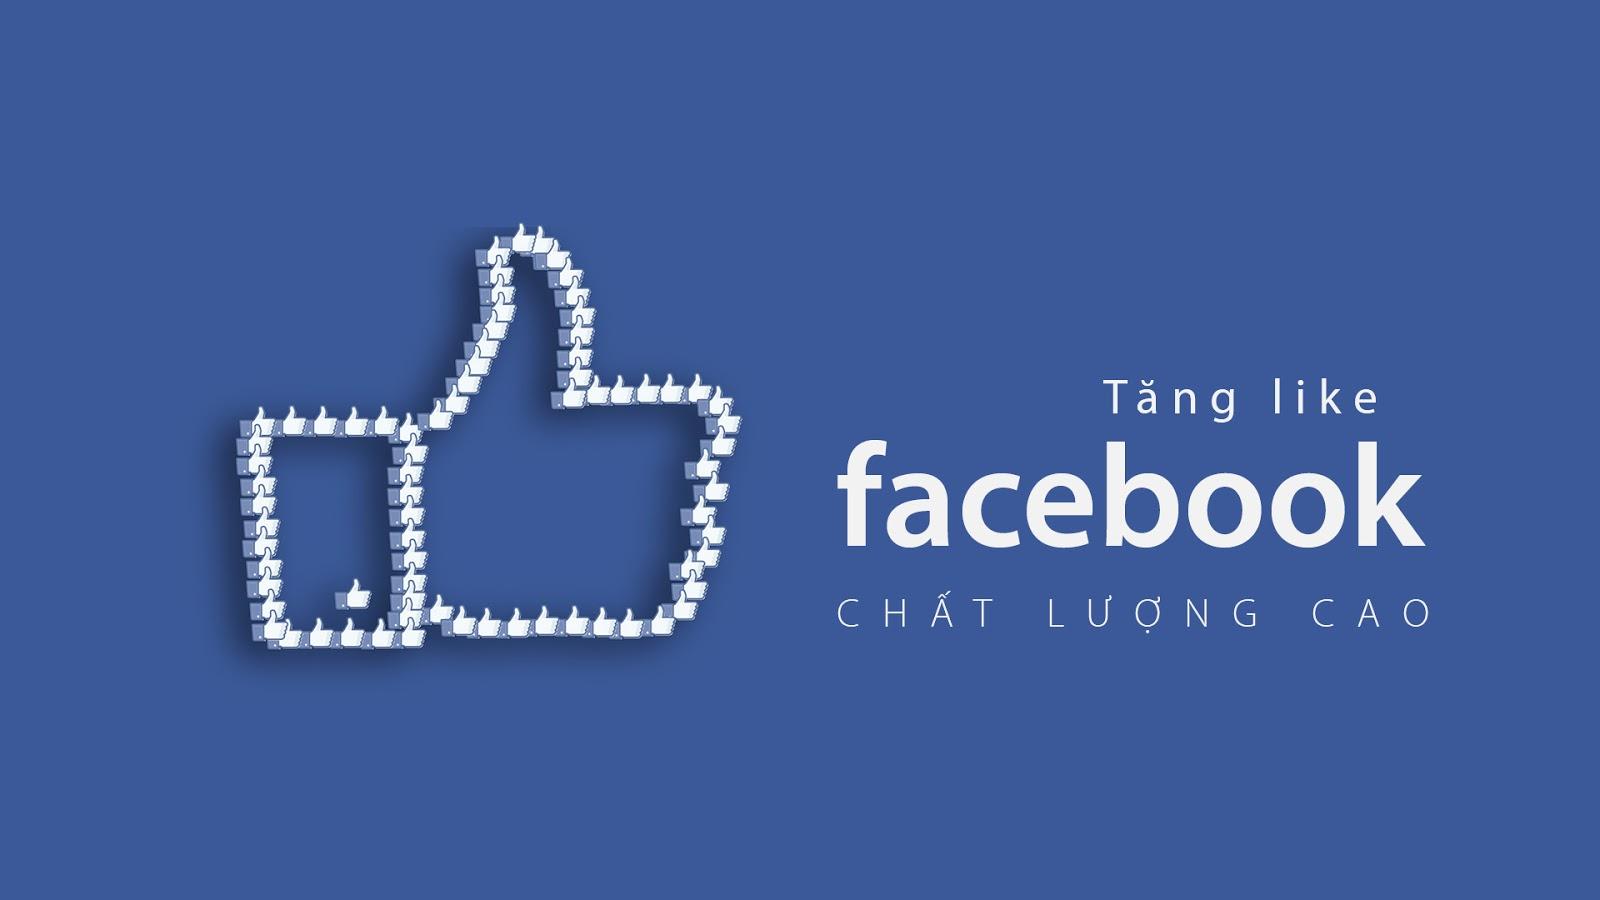 Cách tăng like facebook hiệu quả